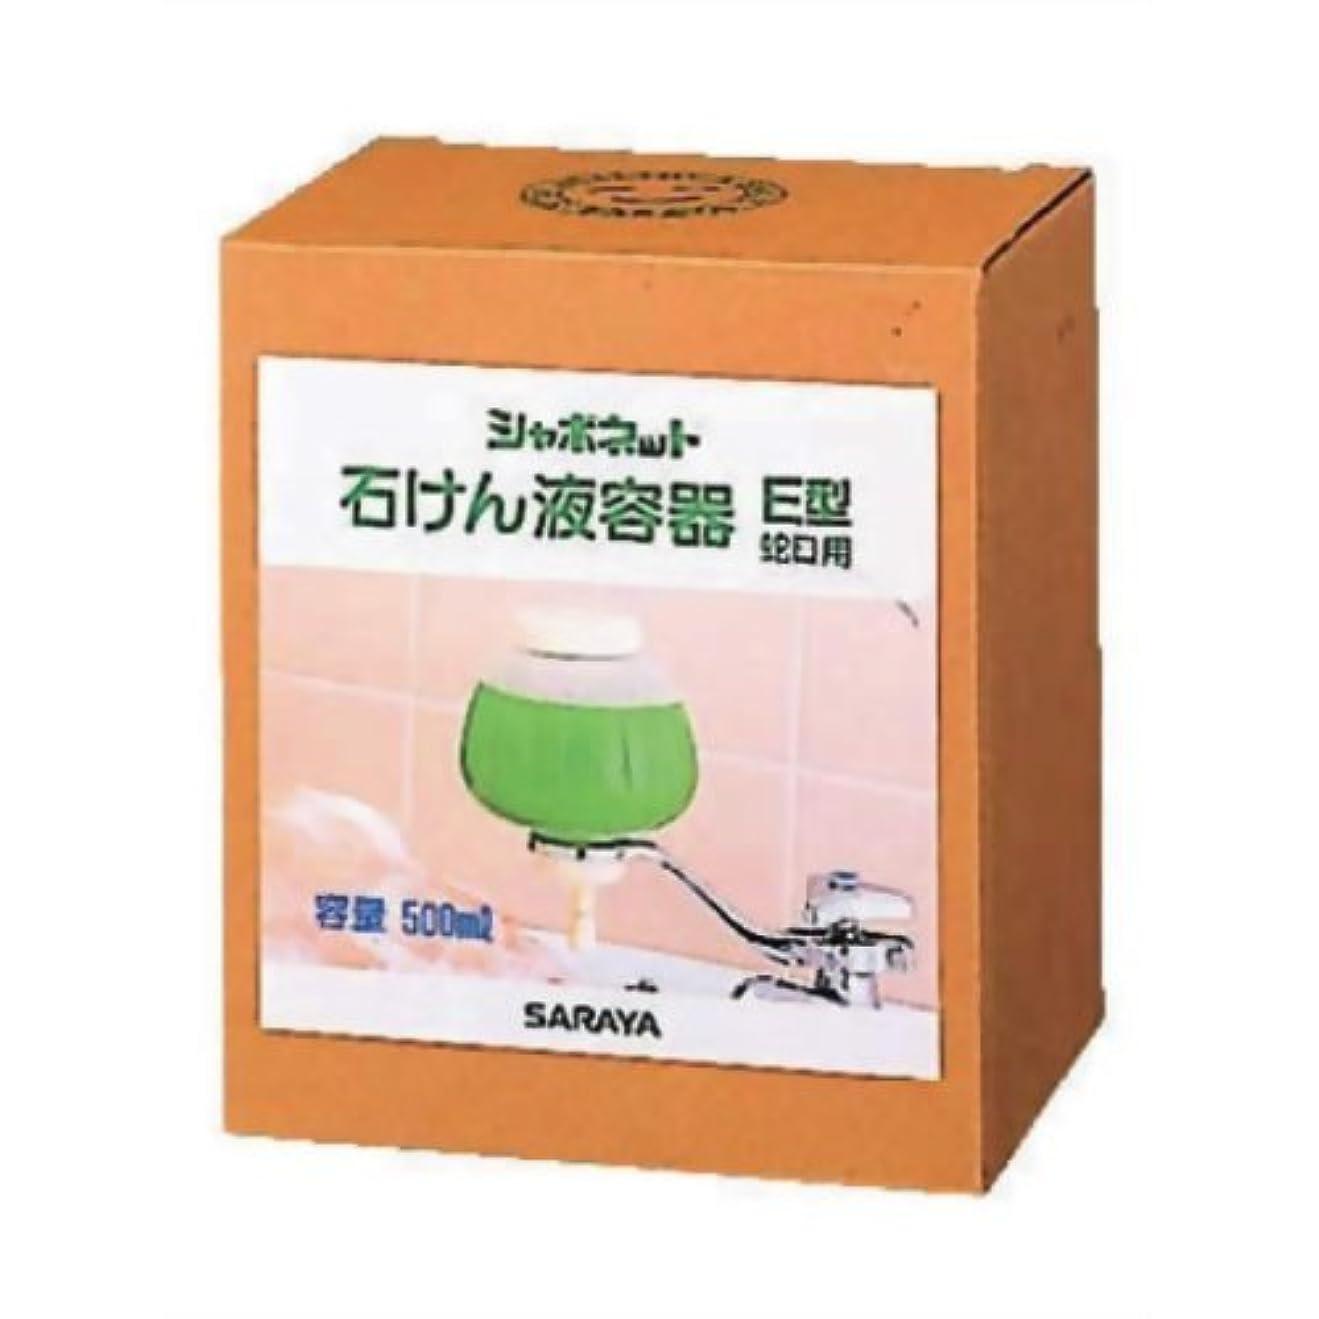 ご覧ください実際の近代化シャボネット 石鹸液容器 E型蛇口用 500ml